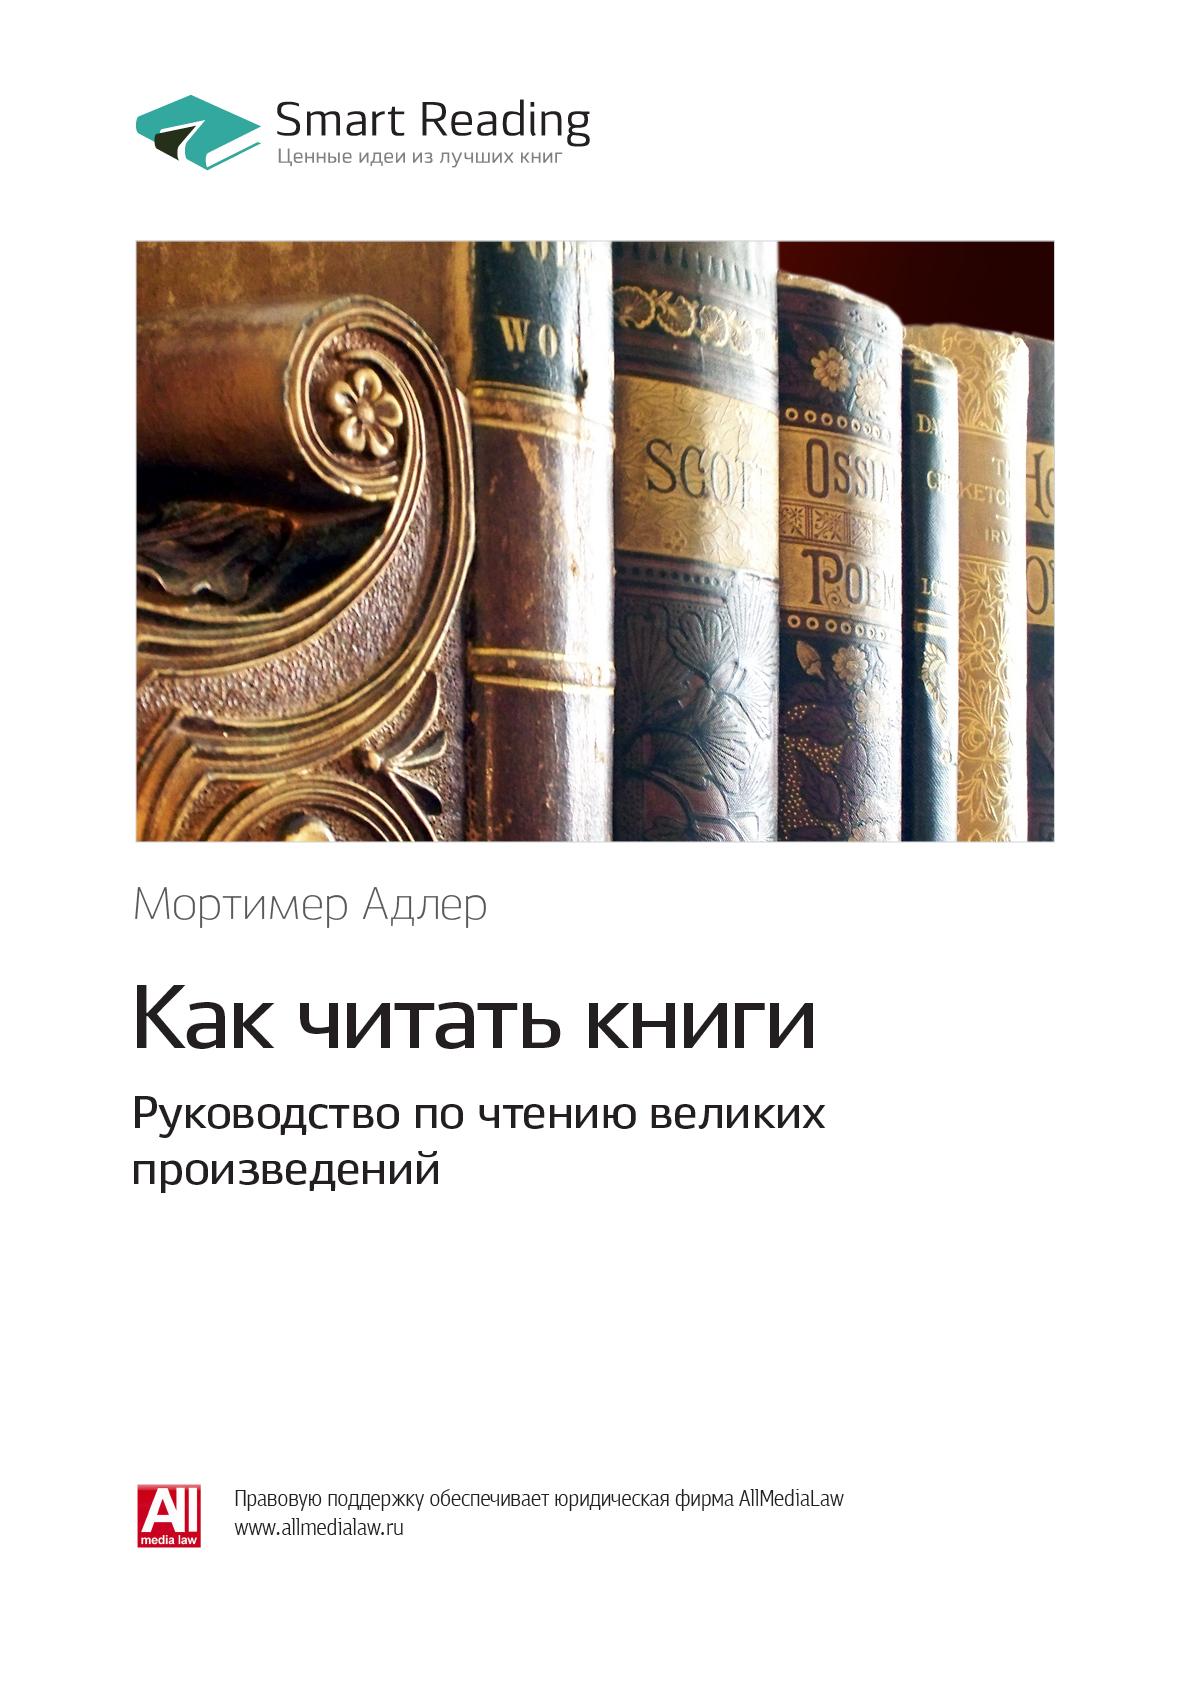 Smart Reading Краткое содержание книги: Как читать книги. Руководство по чтению великих произведений. Мортимер Адлер